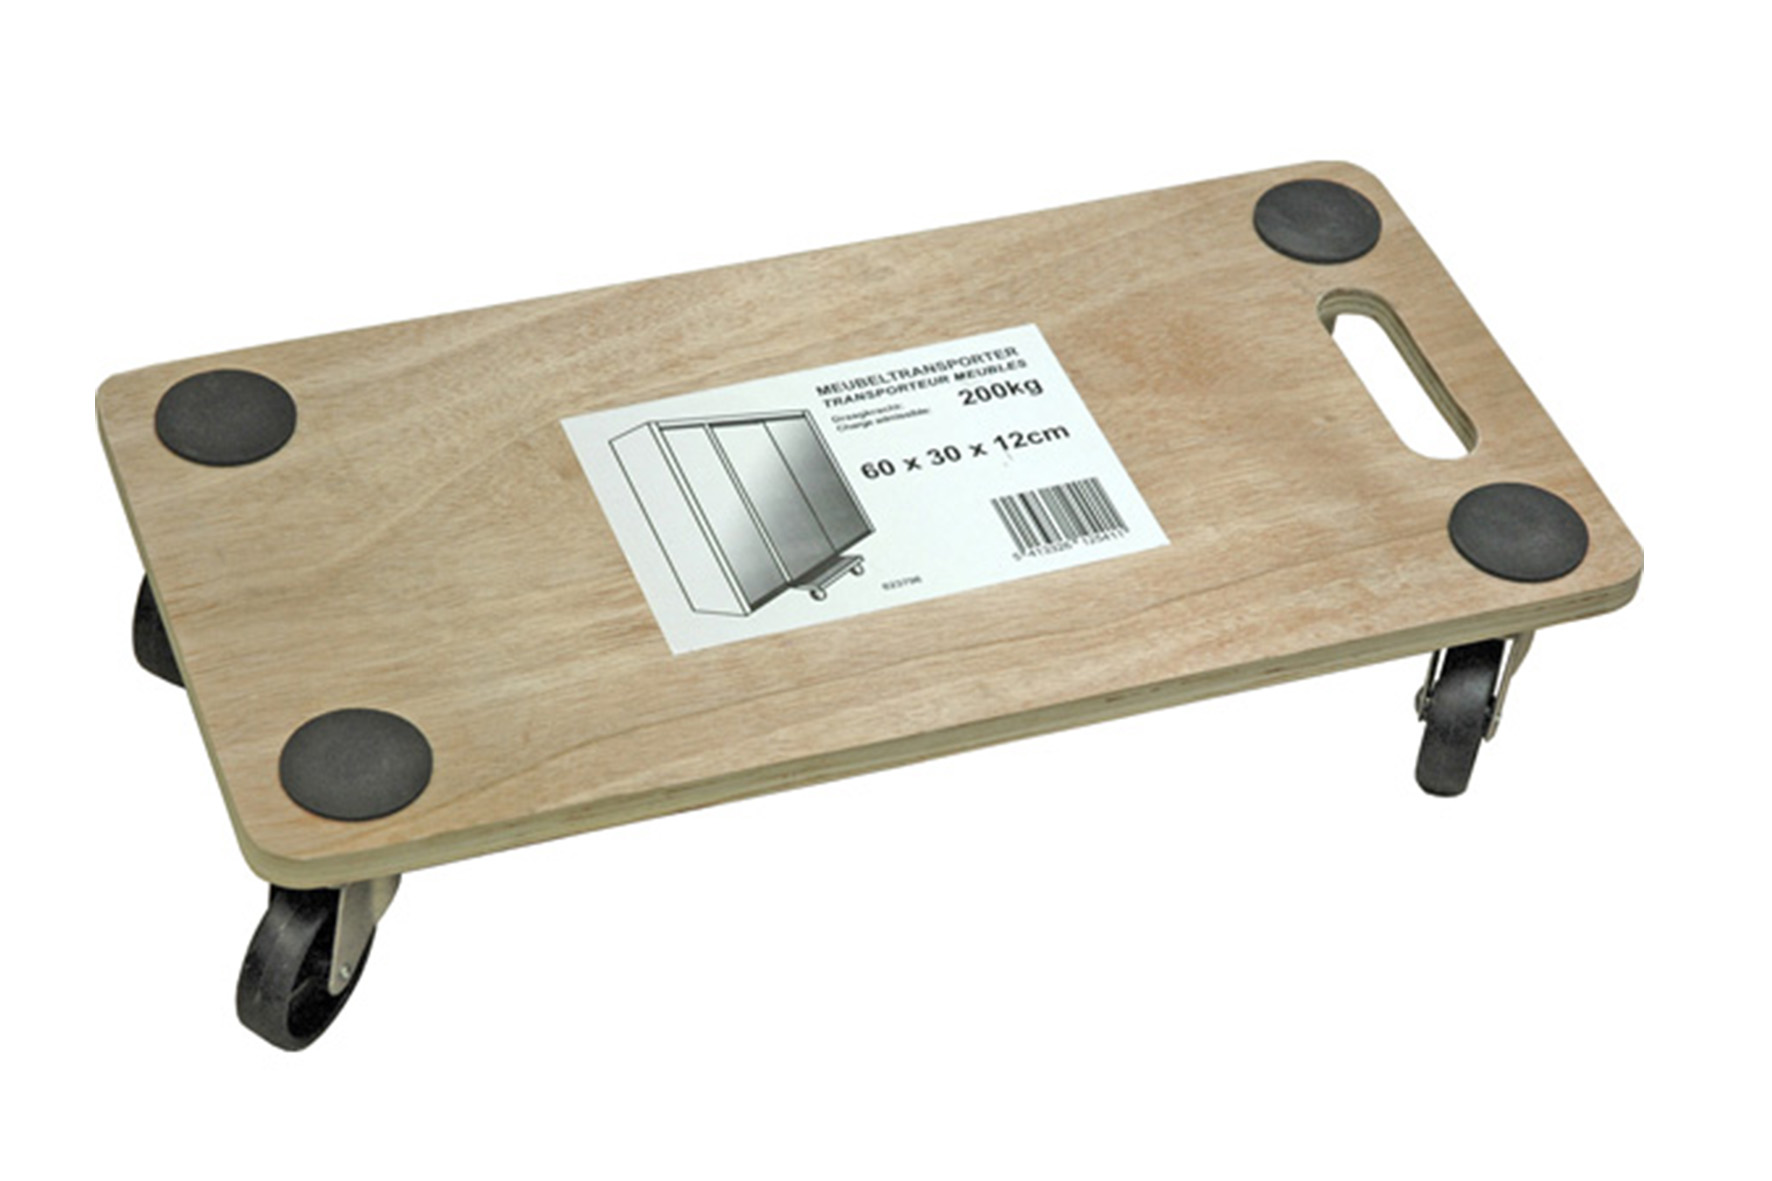 plateau 39 39 roulettes hetre achat en ligne ou dans notre magasin. Black Bedroom Furniture Sets. Home Design Ideas